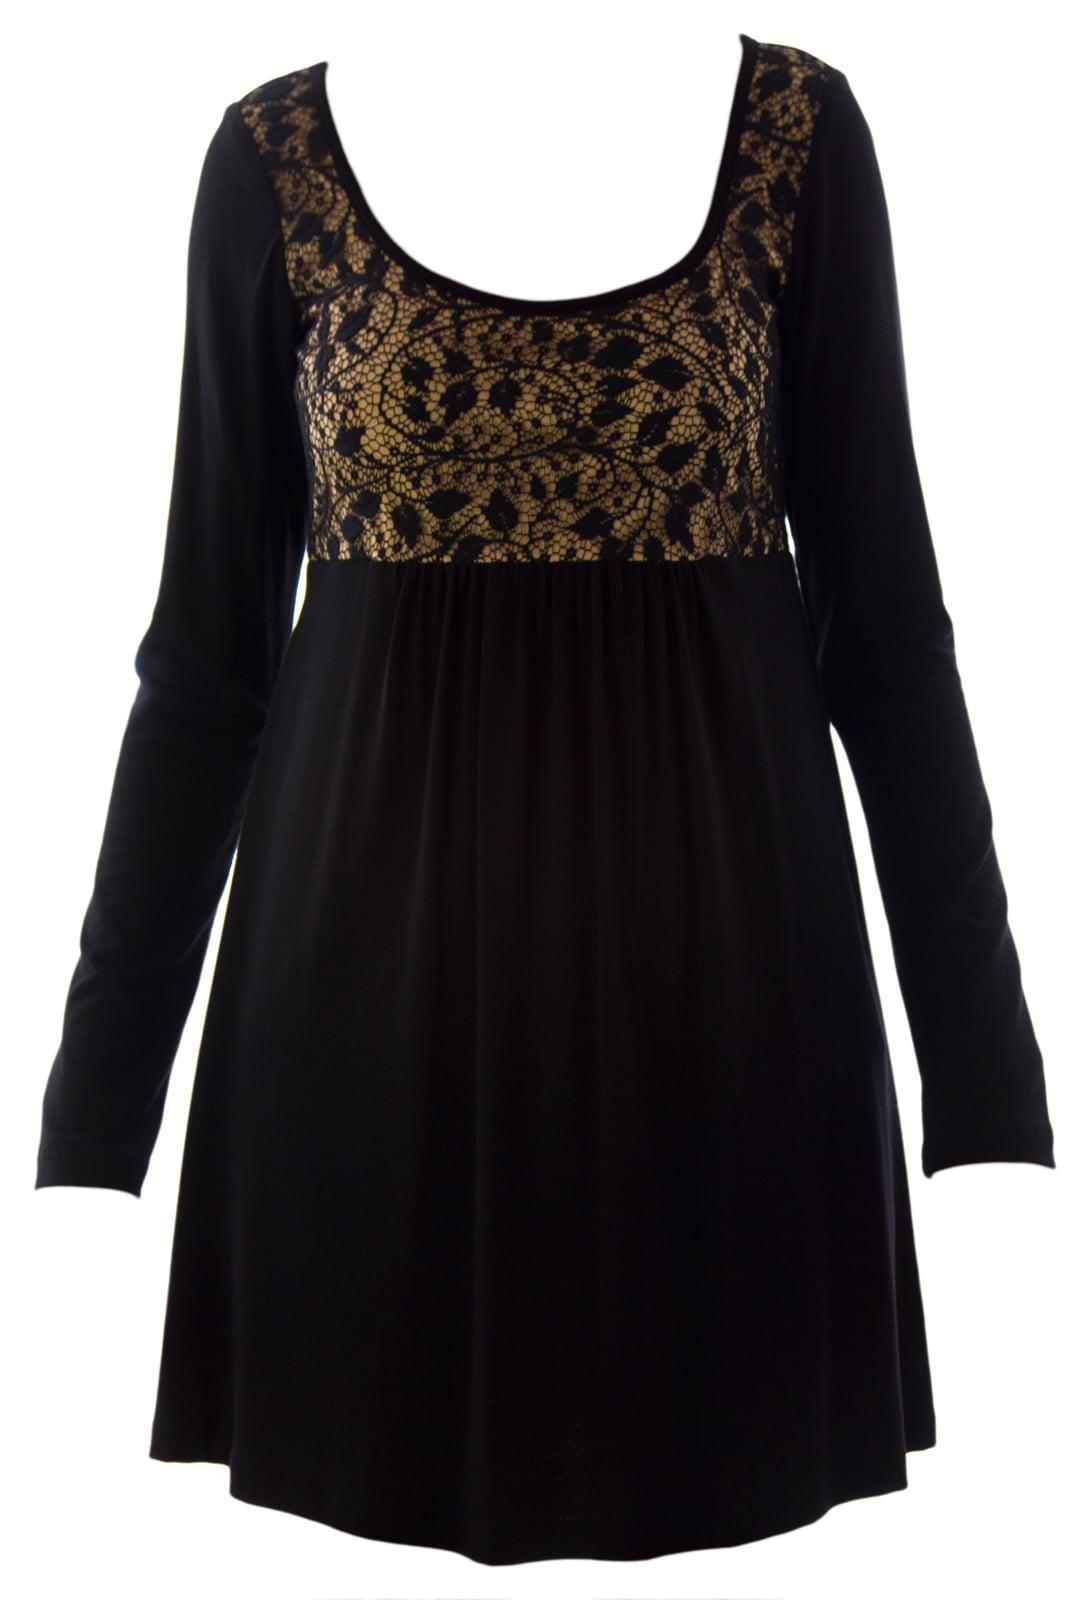 Olian Women's Lace Babydoll Maternity Top X-Small Black & Beige